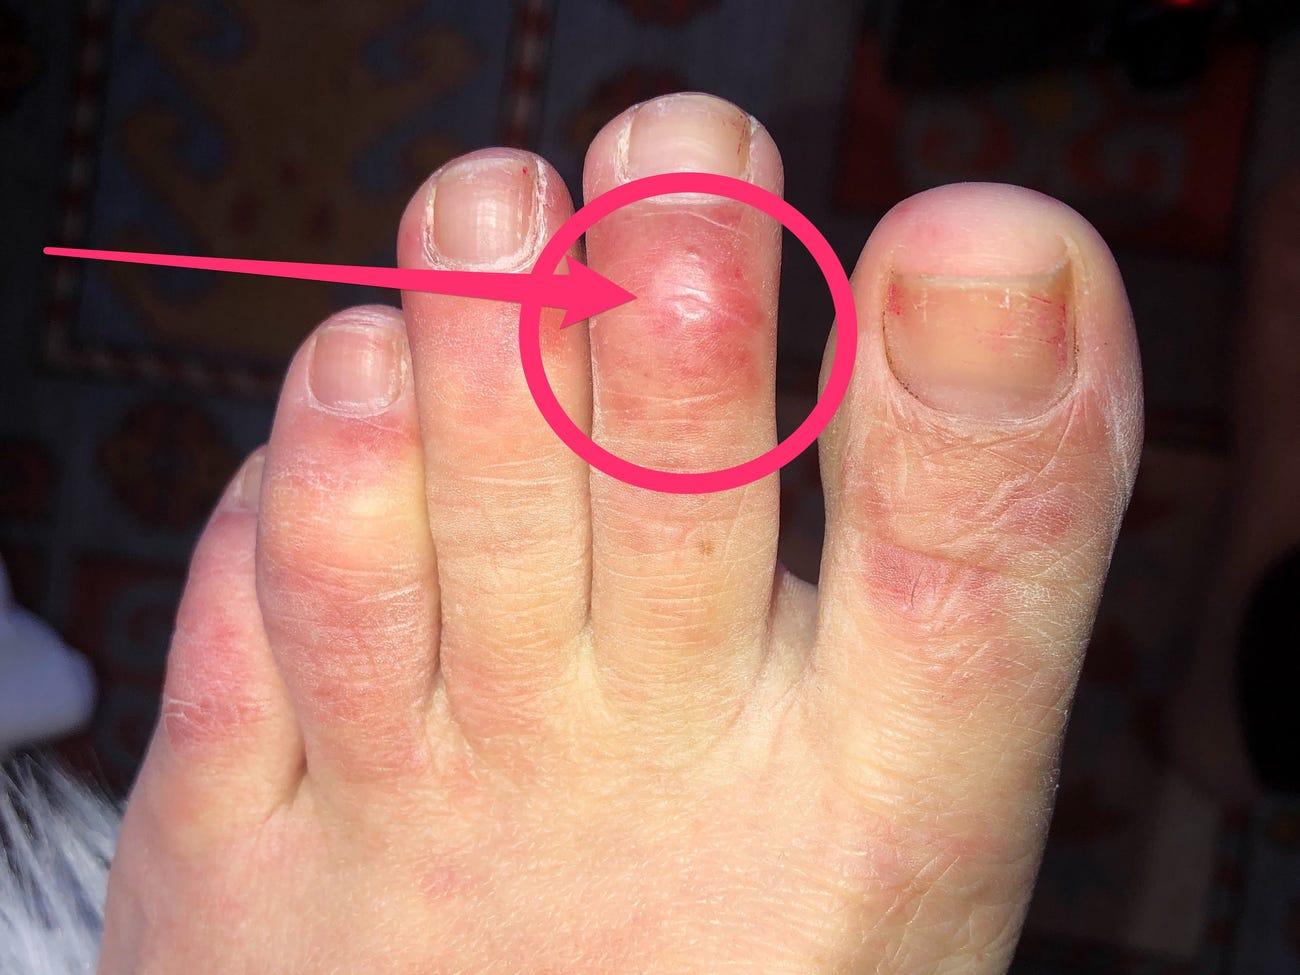 Стоит ли беспокоиться из-за холодных ног: 10 возможных причин симптома  — фото 2